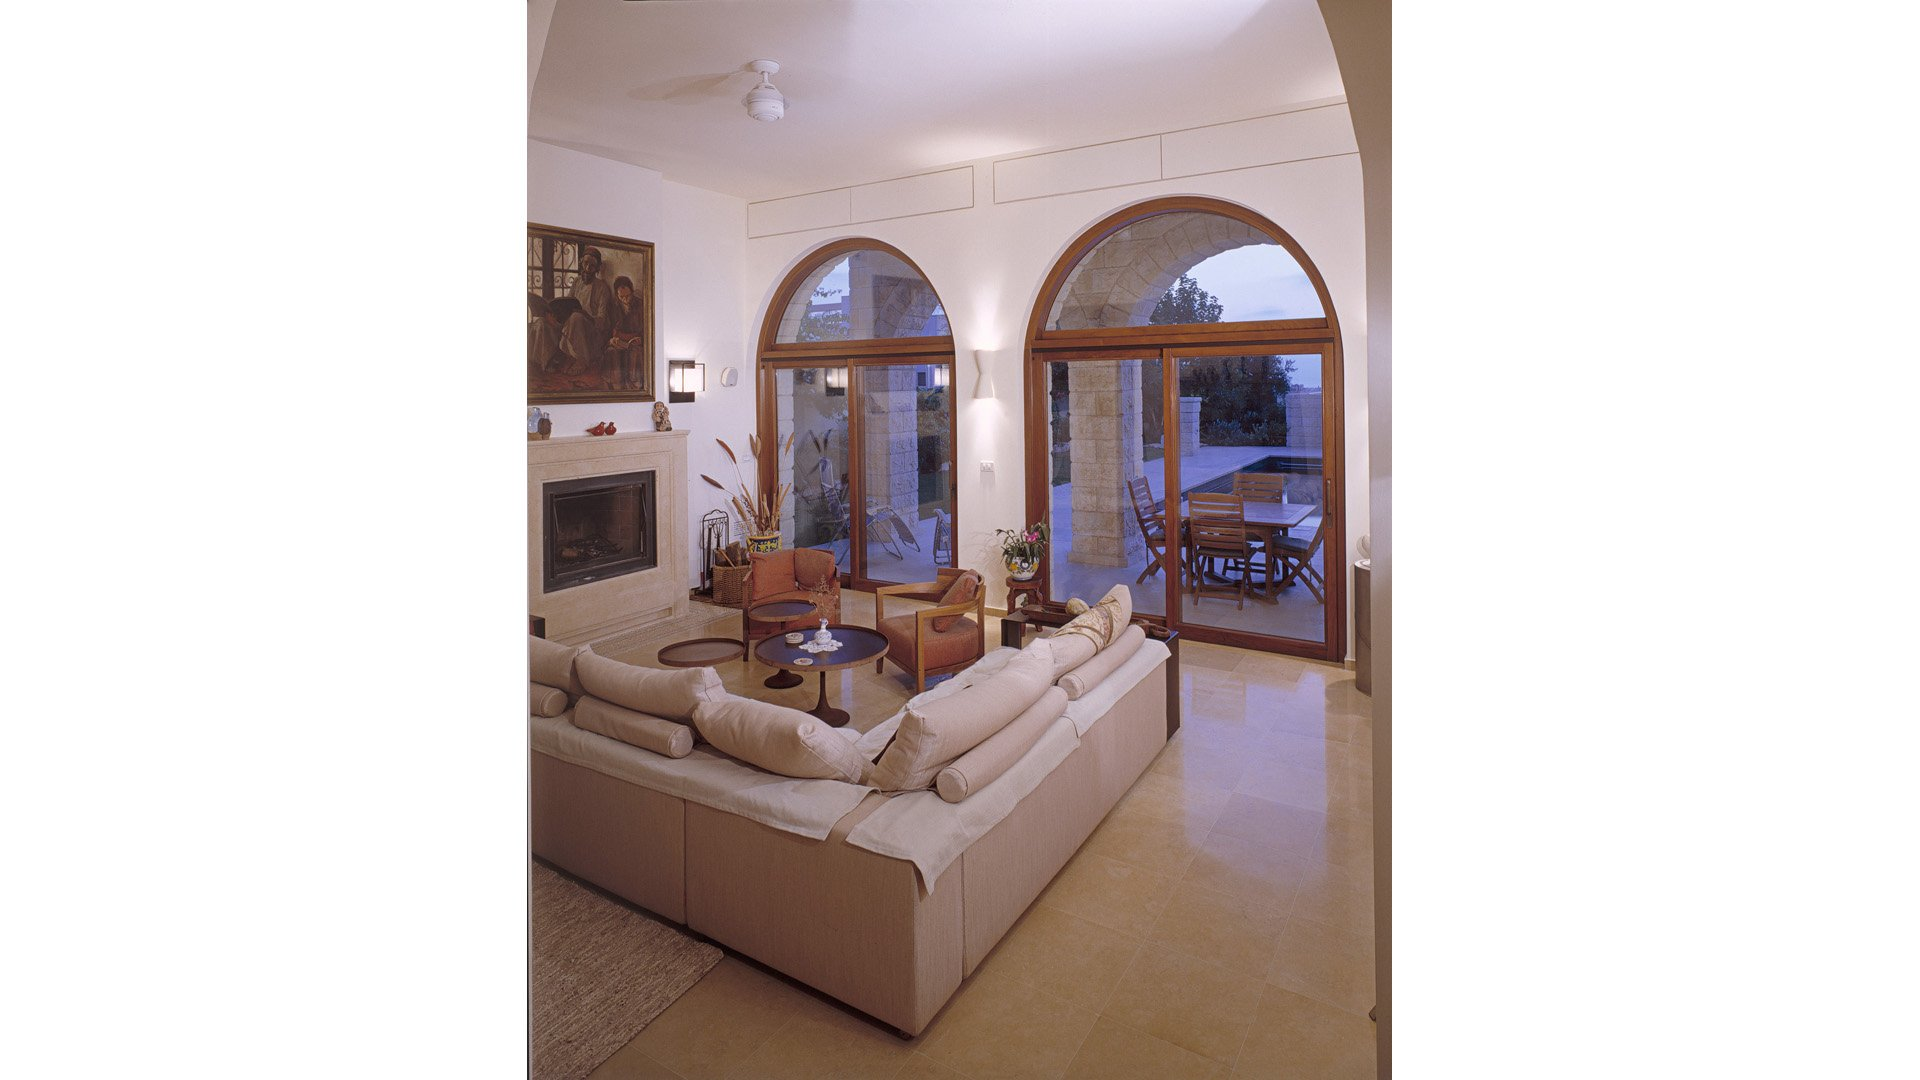 Interior design ausbildung ausbildung interior designer for Interior design ausbildung